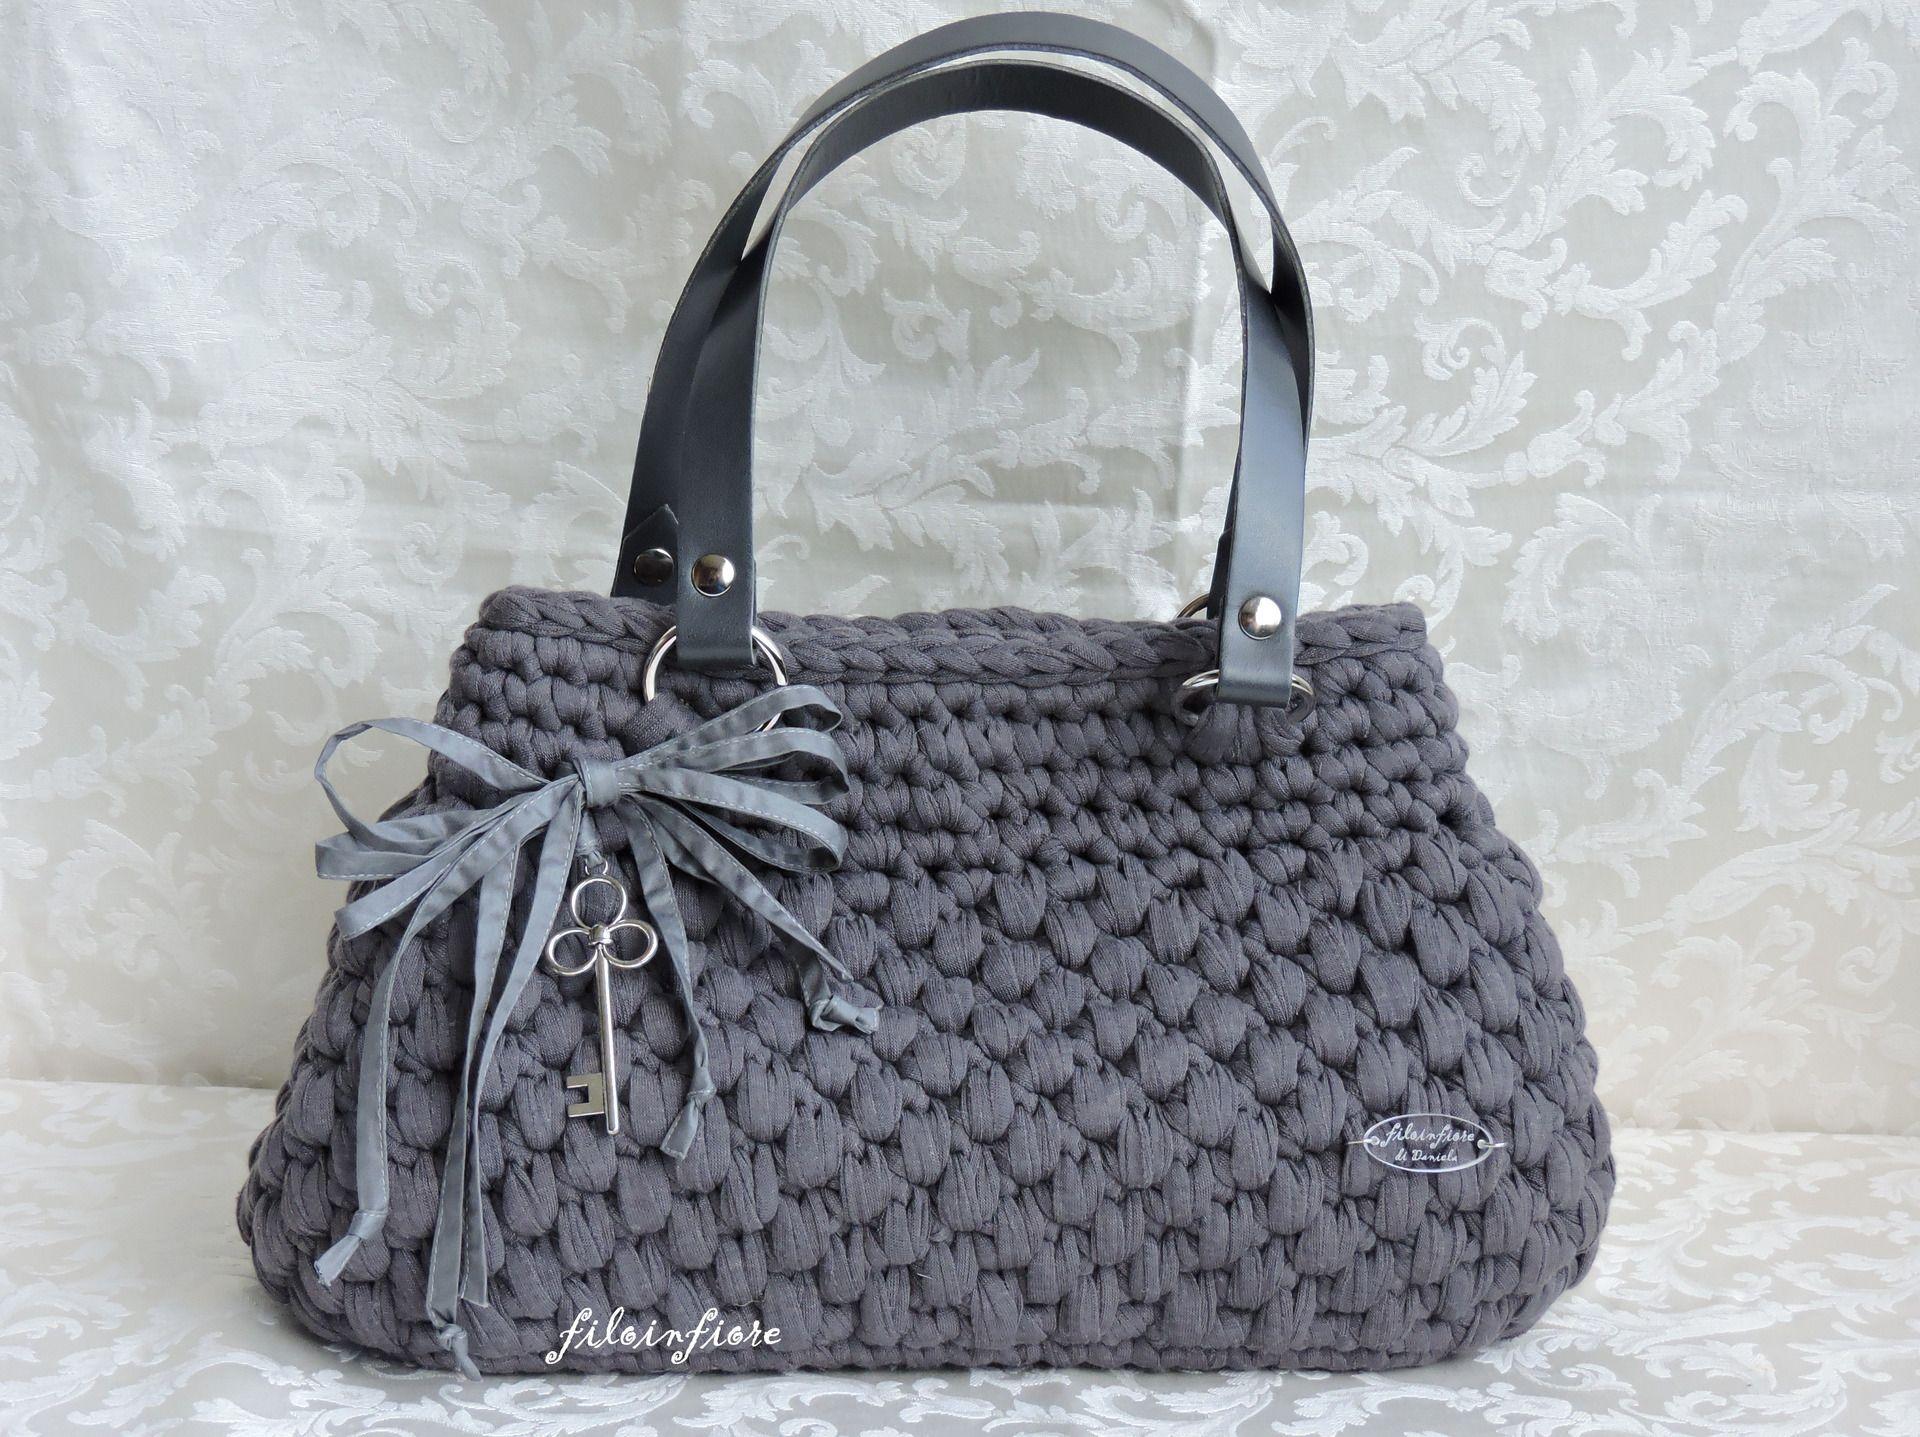 Borse ad uncinetto cerca con google borse pochette zaini ecc fatti a mano borse for Schemi borse uncinetto